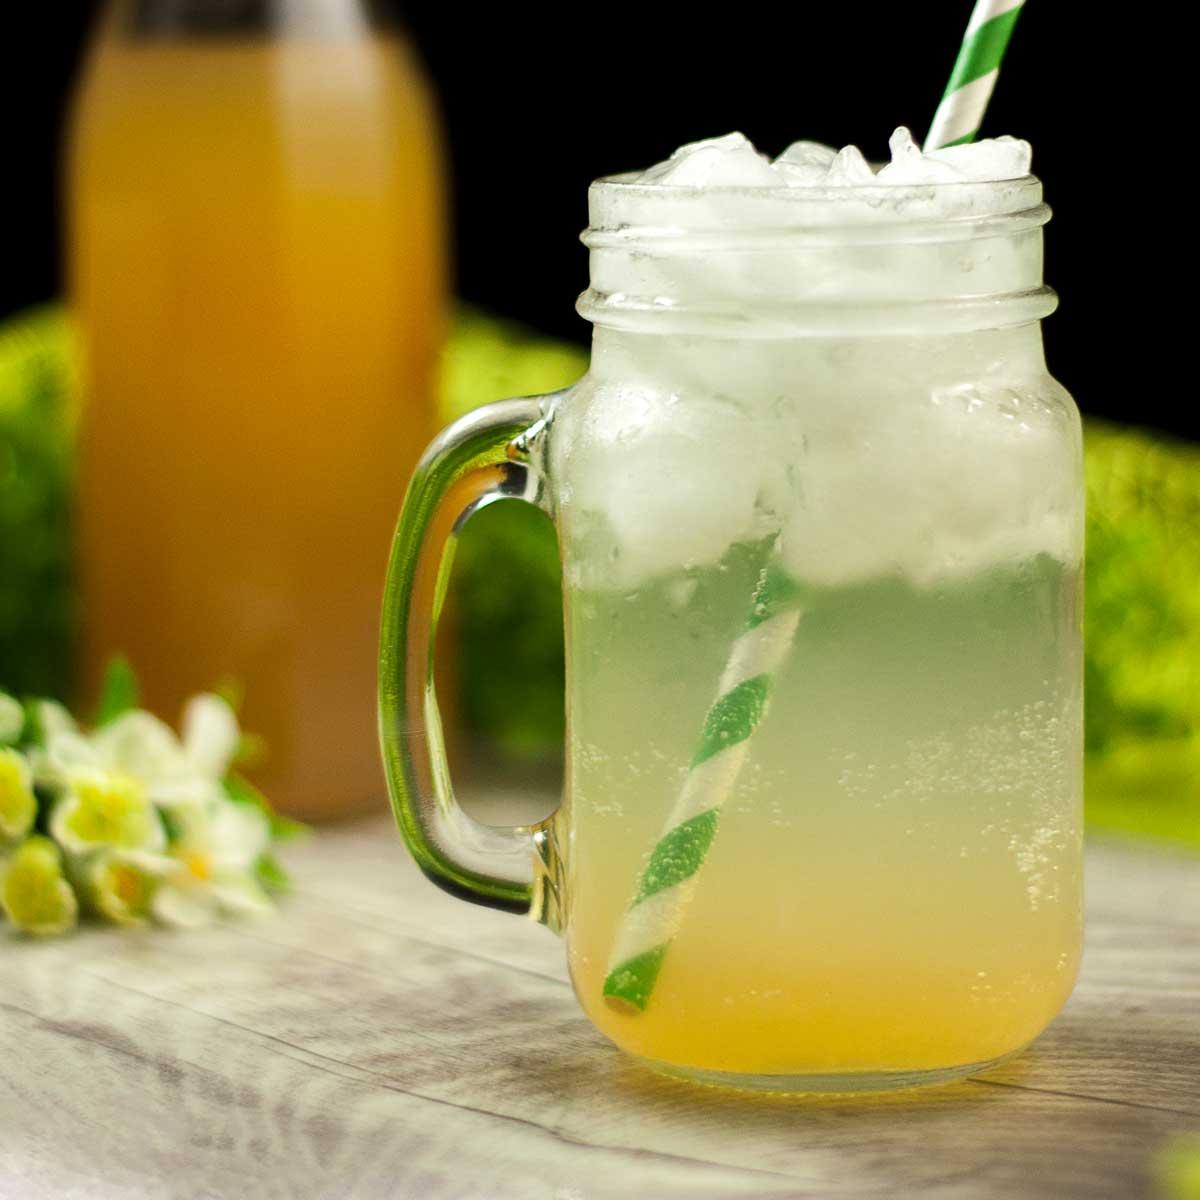 Der Low Carb Zitronen-Sirup ist perfekt für Limonaden oder Cocktails.